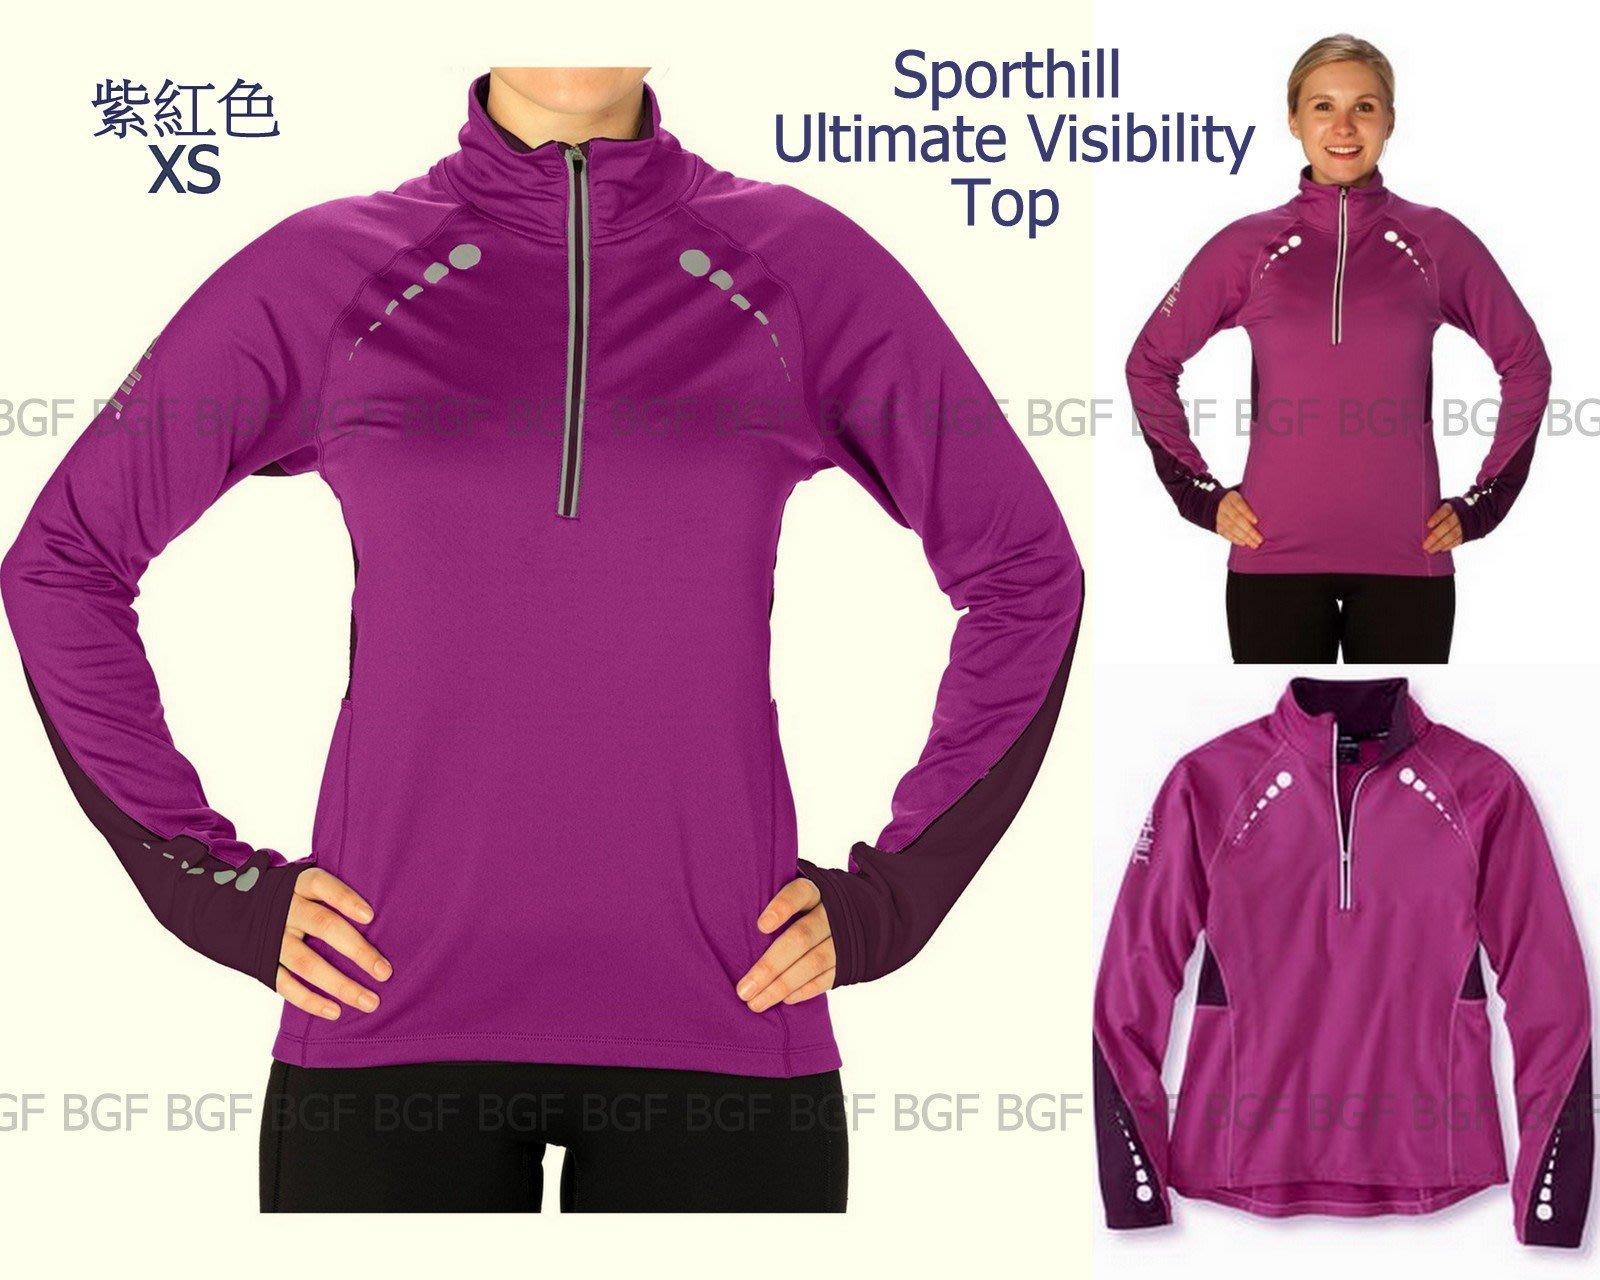 (寶金坊) Sporthill Ultimate Visibility Top 女快乾透氣防風透氣反光運動上衣 紫色XS